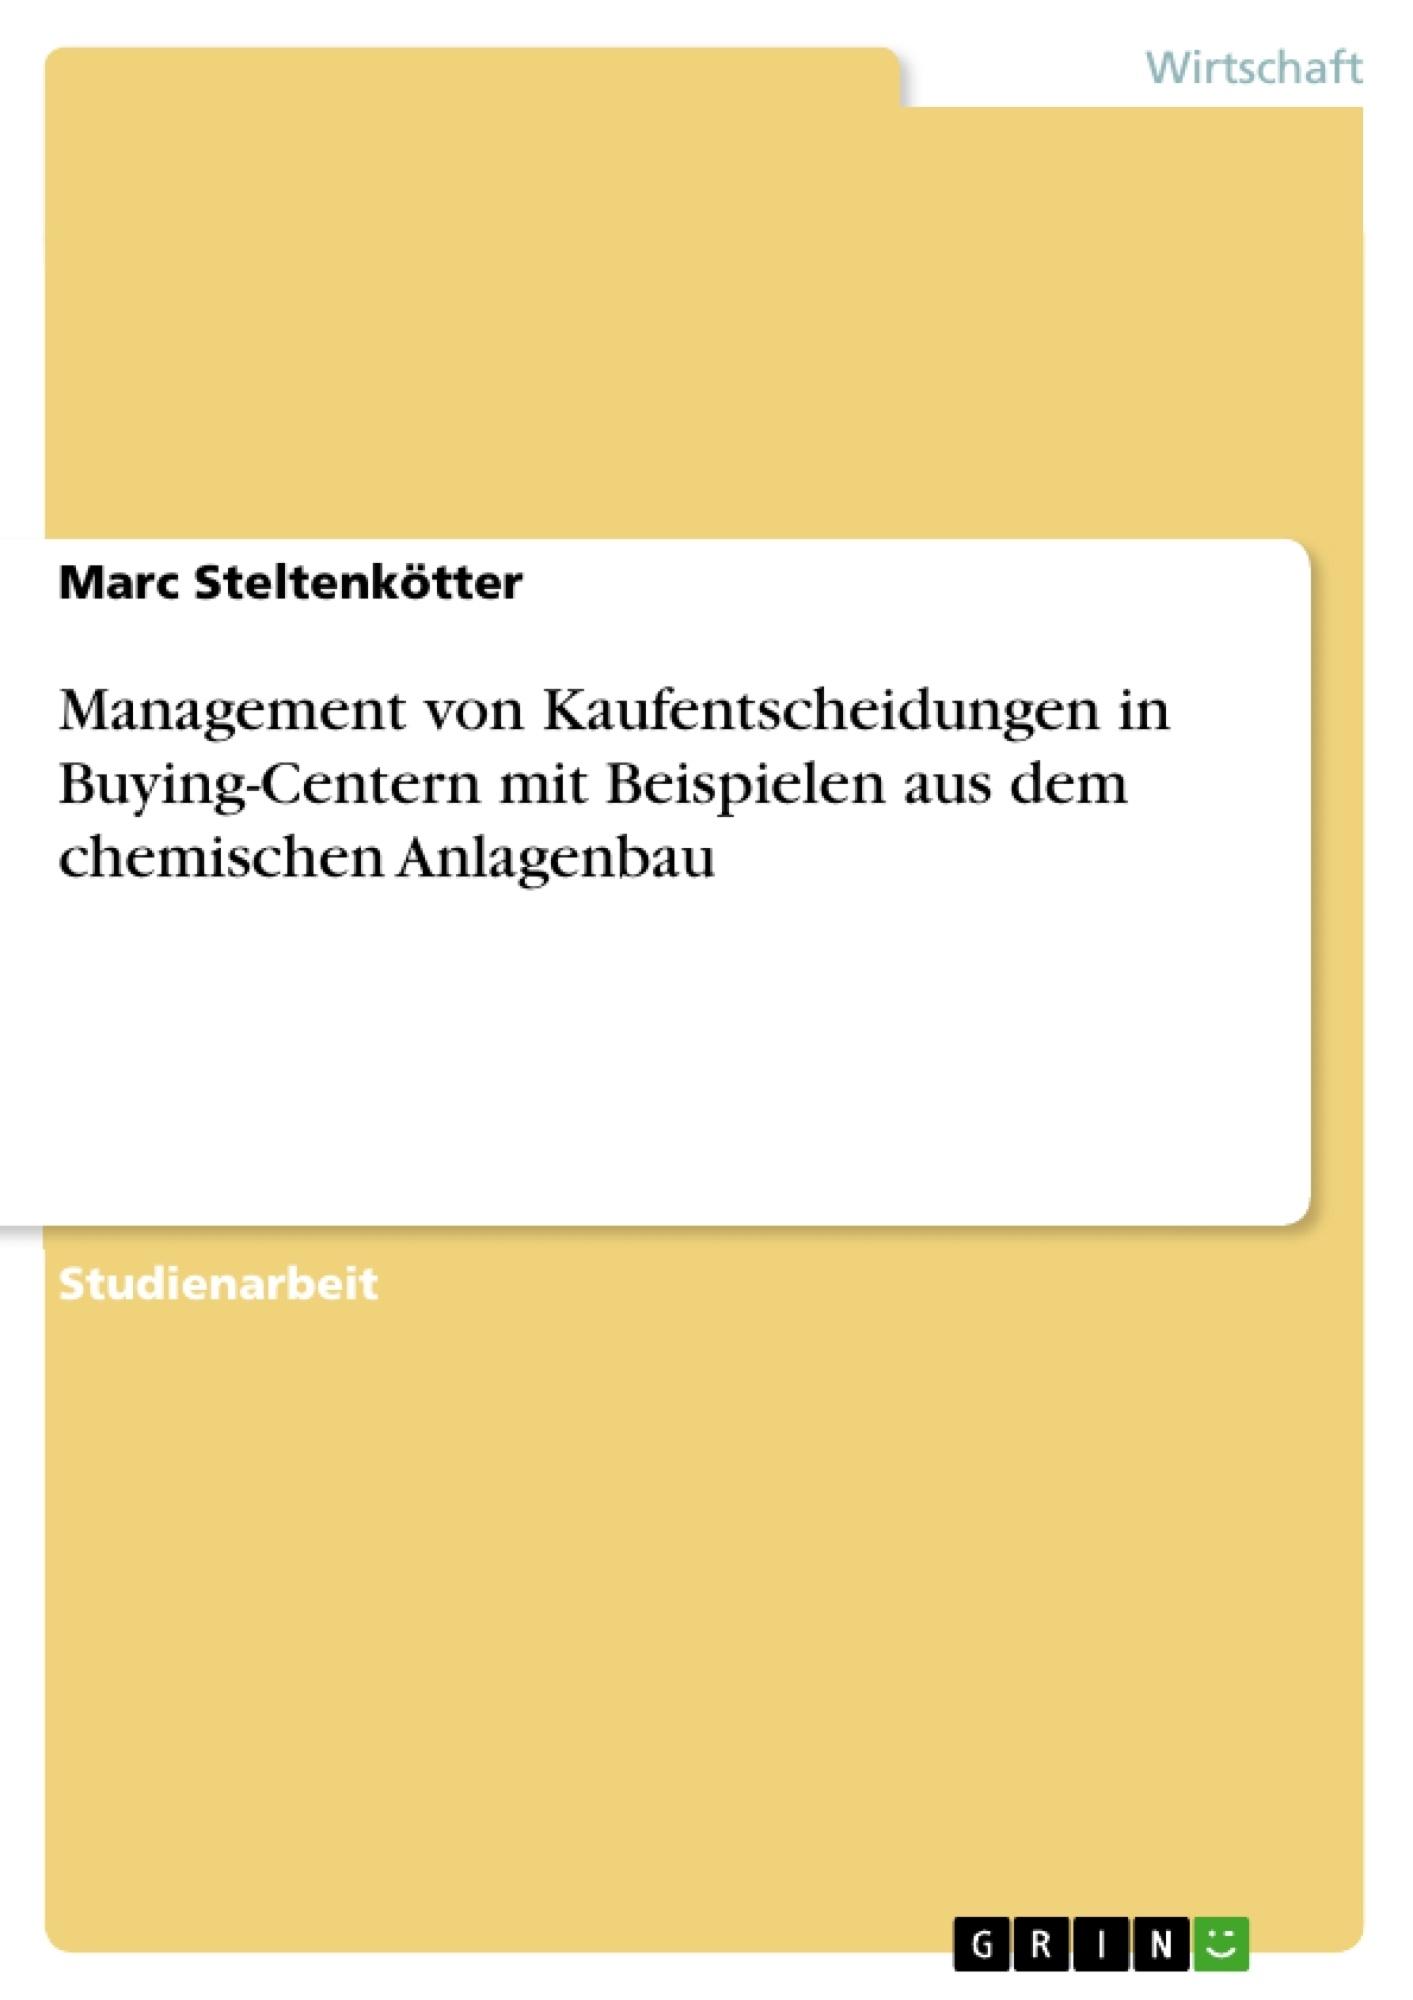 Titel: Management von Kaufentscheidungen in Buying-Centern mit Beispielen aus dem chemischen Anlagenbau